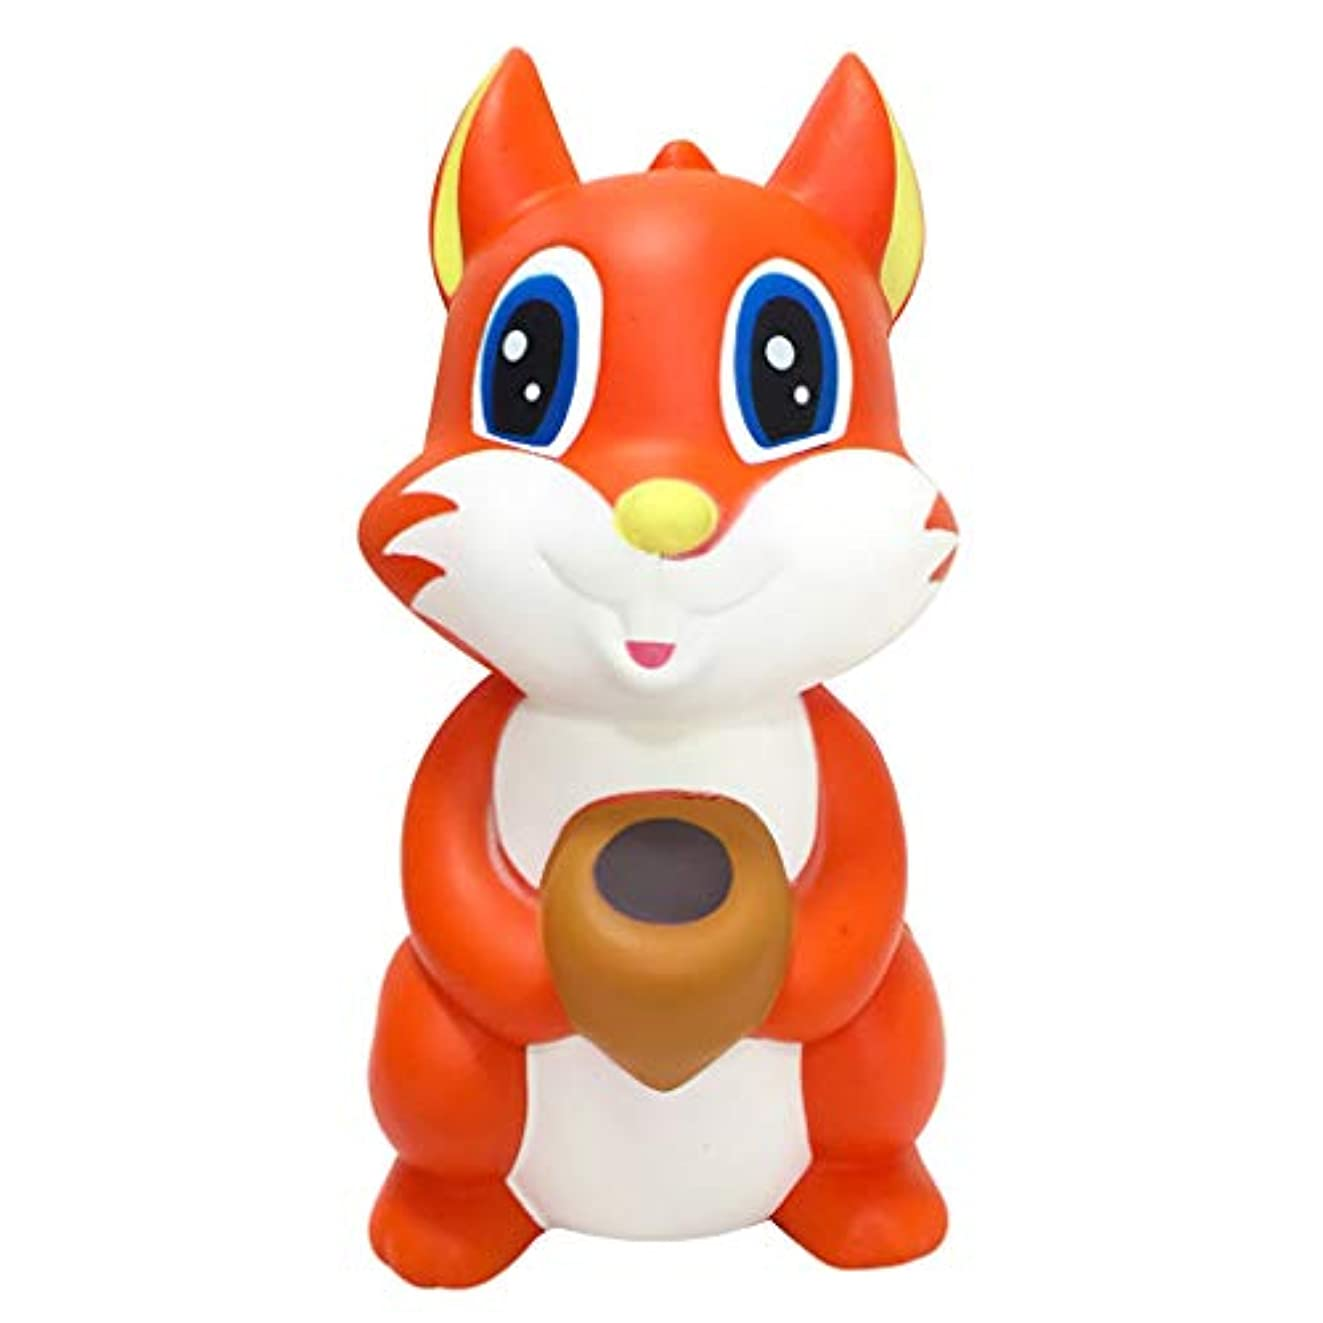 へこみライナーラックGOOD lask 絞ることができるかわいいハムスター、香りがする上昇のおもちゃの減圧のおもちゃ党装飾のギフト子供のための子供